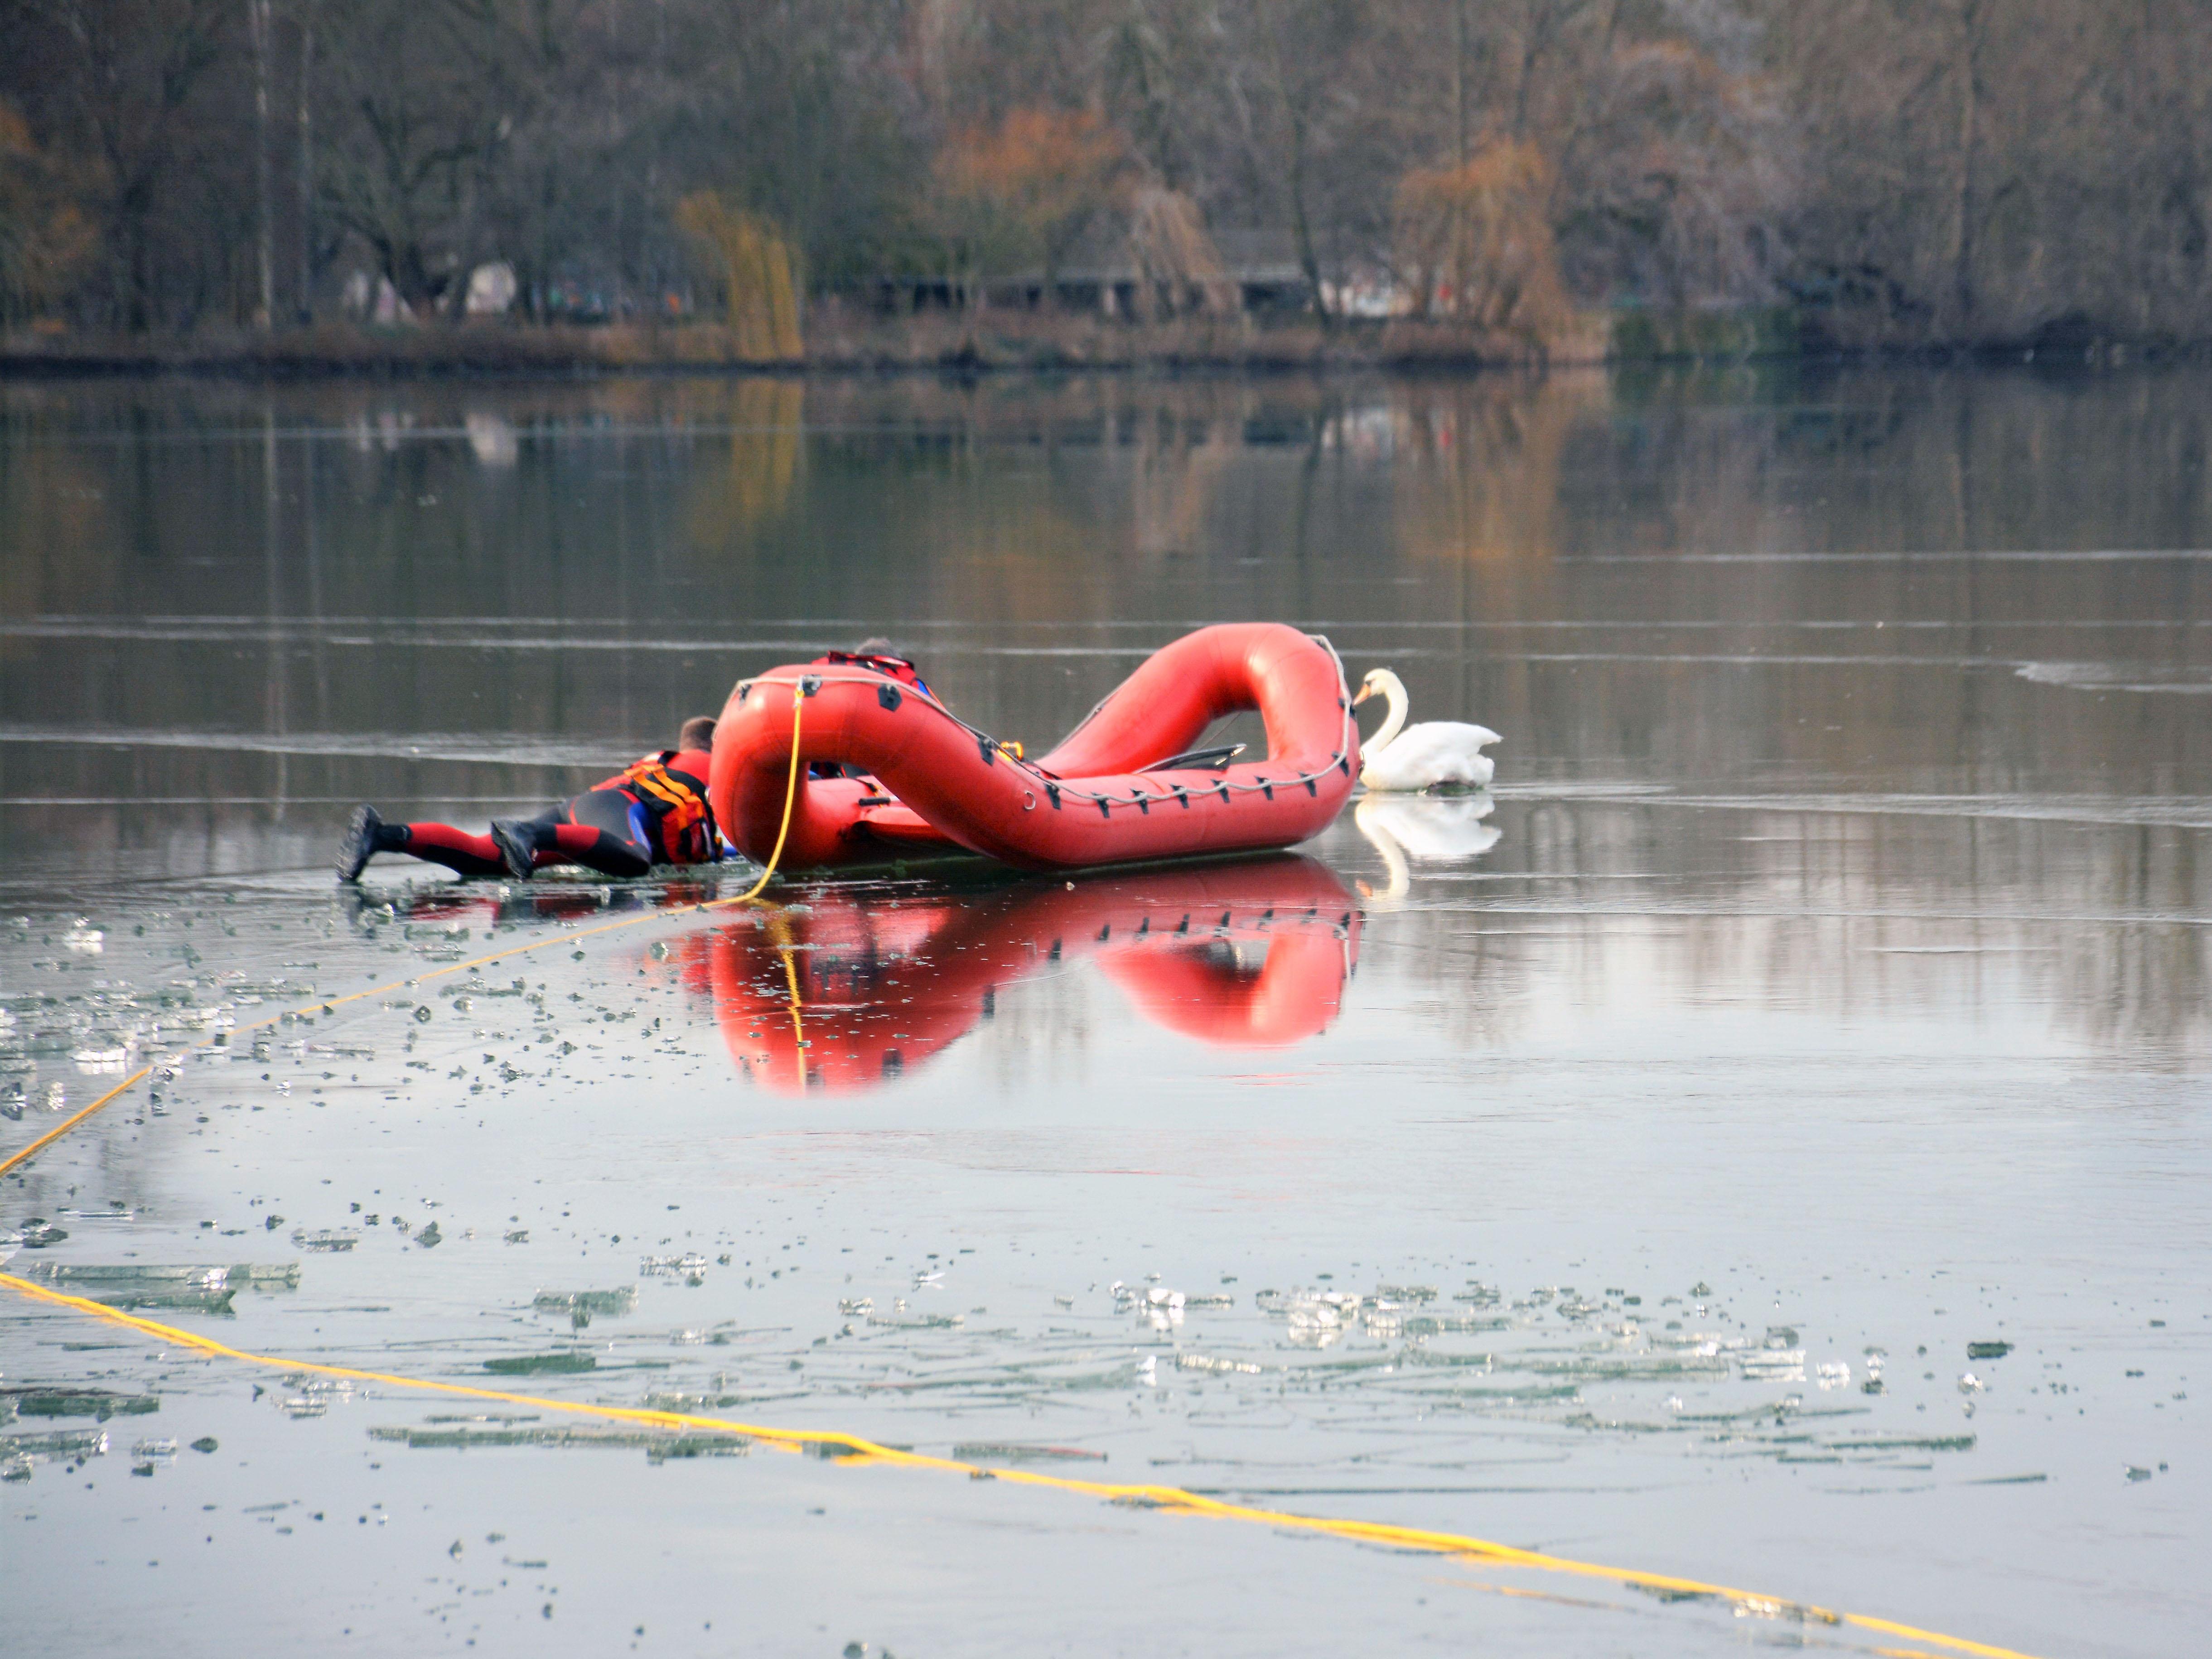 Ein entkräfteter Schwan musste von speziell ausgerüsteten Wasserrettern der Feuerwehr von einer Eisfläche auf dem Maschsee gerettet werden.